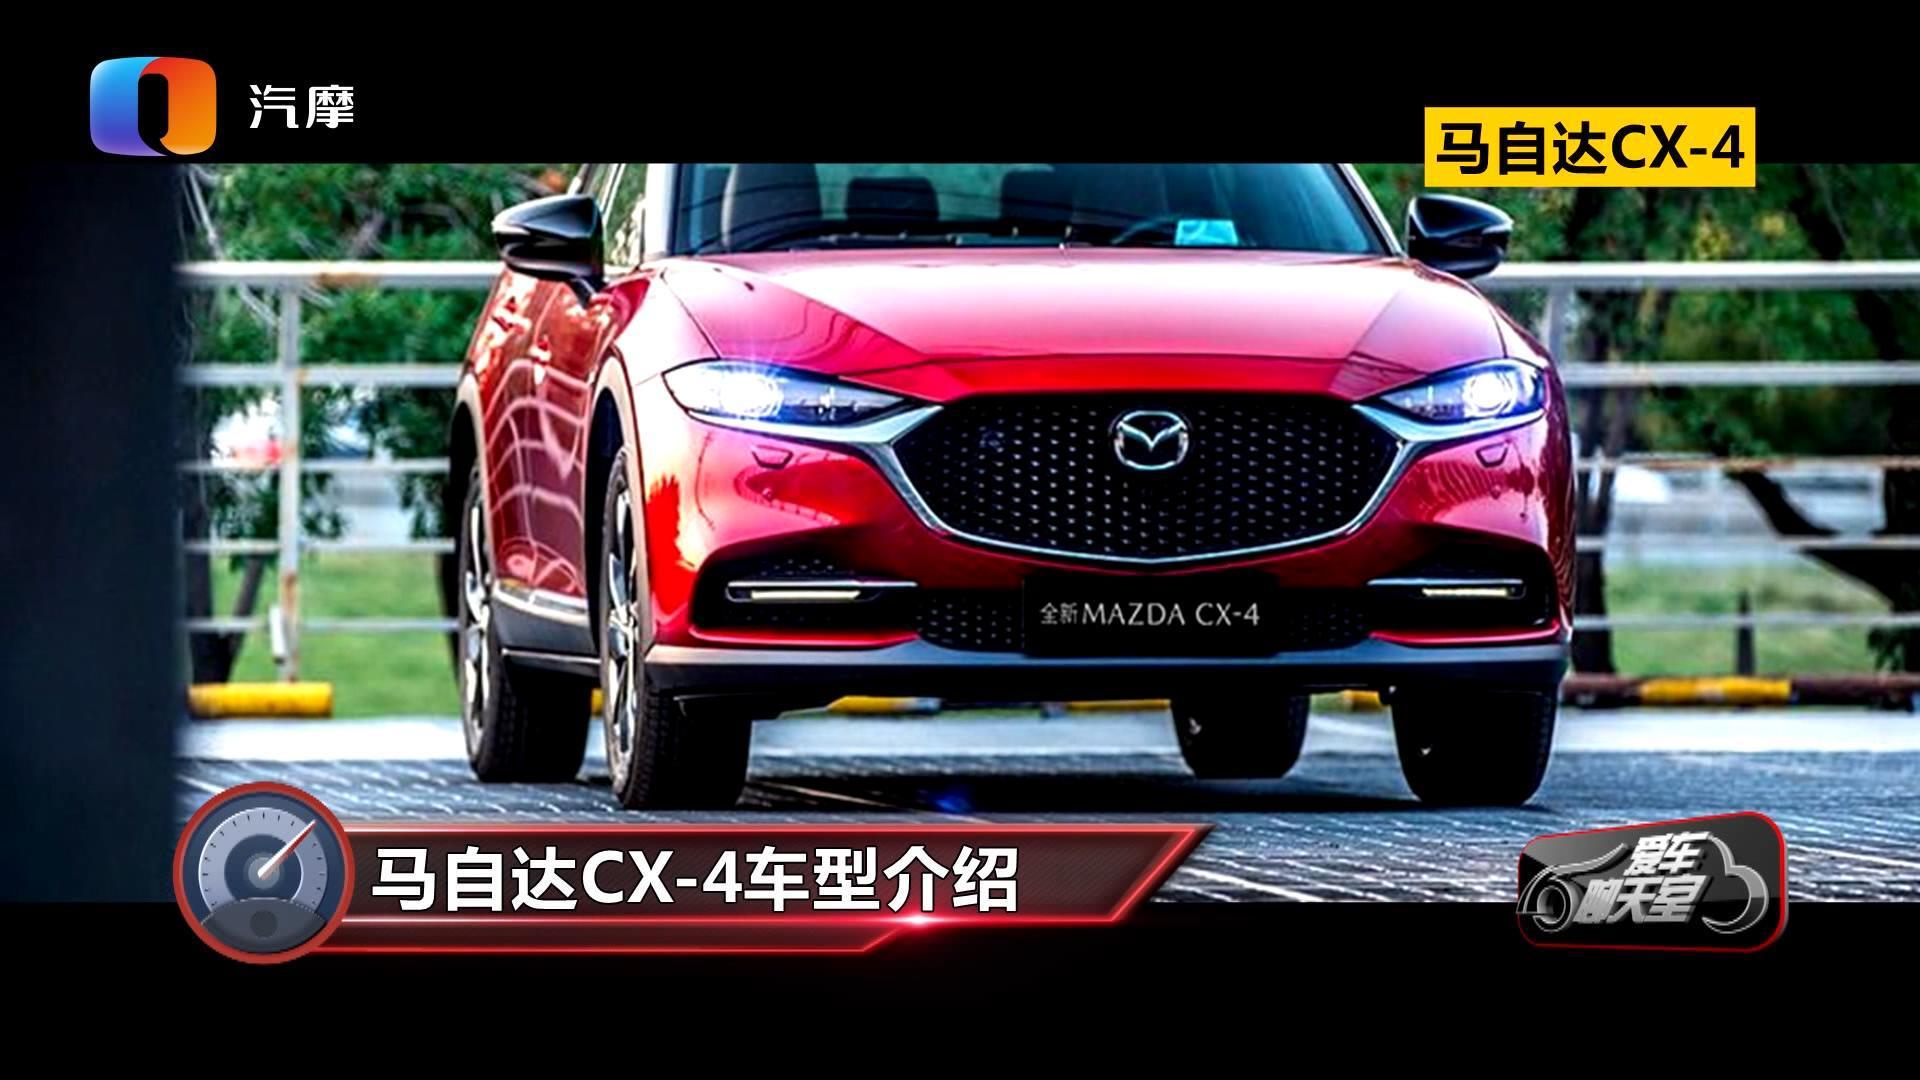 马自达CX-4怎么样?2.5L动力足够吗?